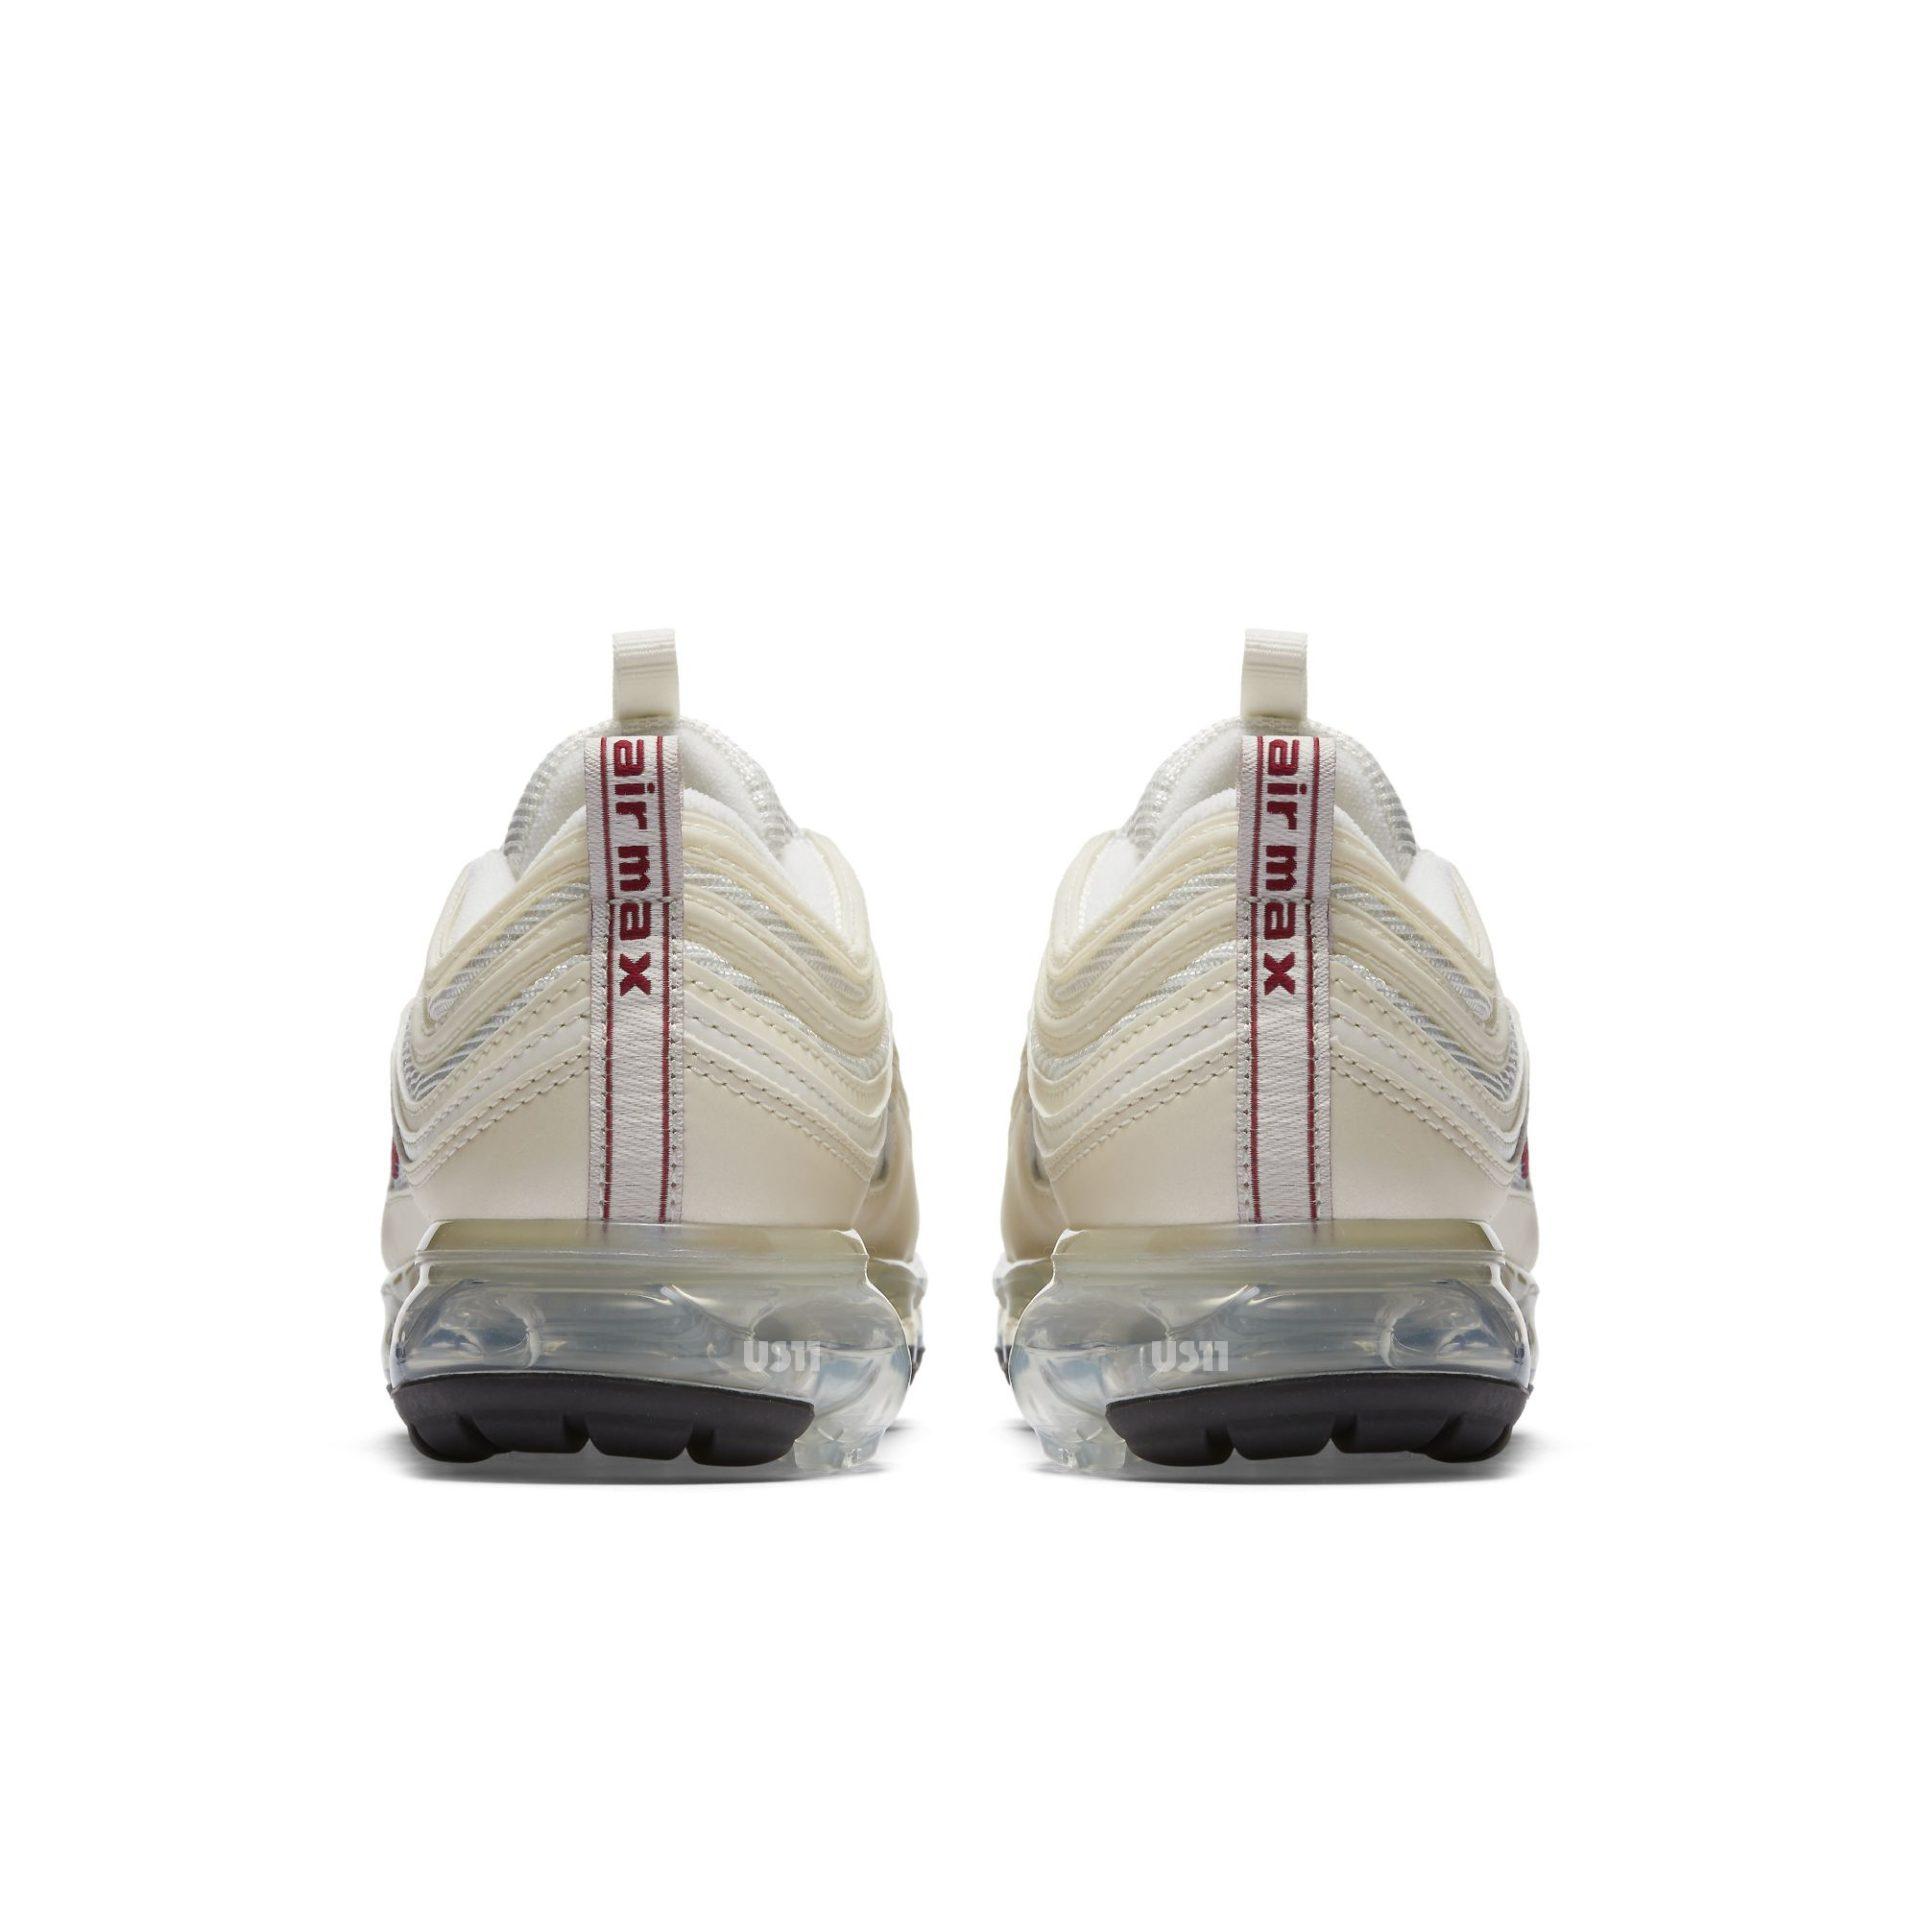 air max 97 vapormax blanche